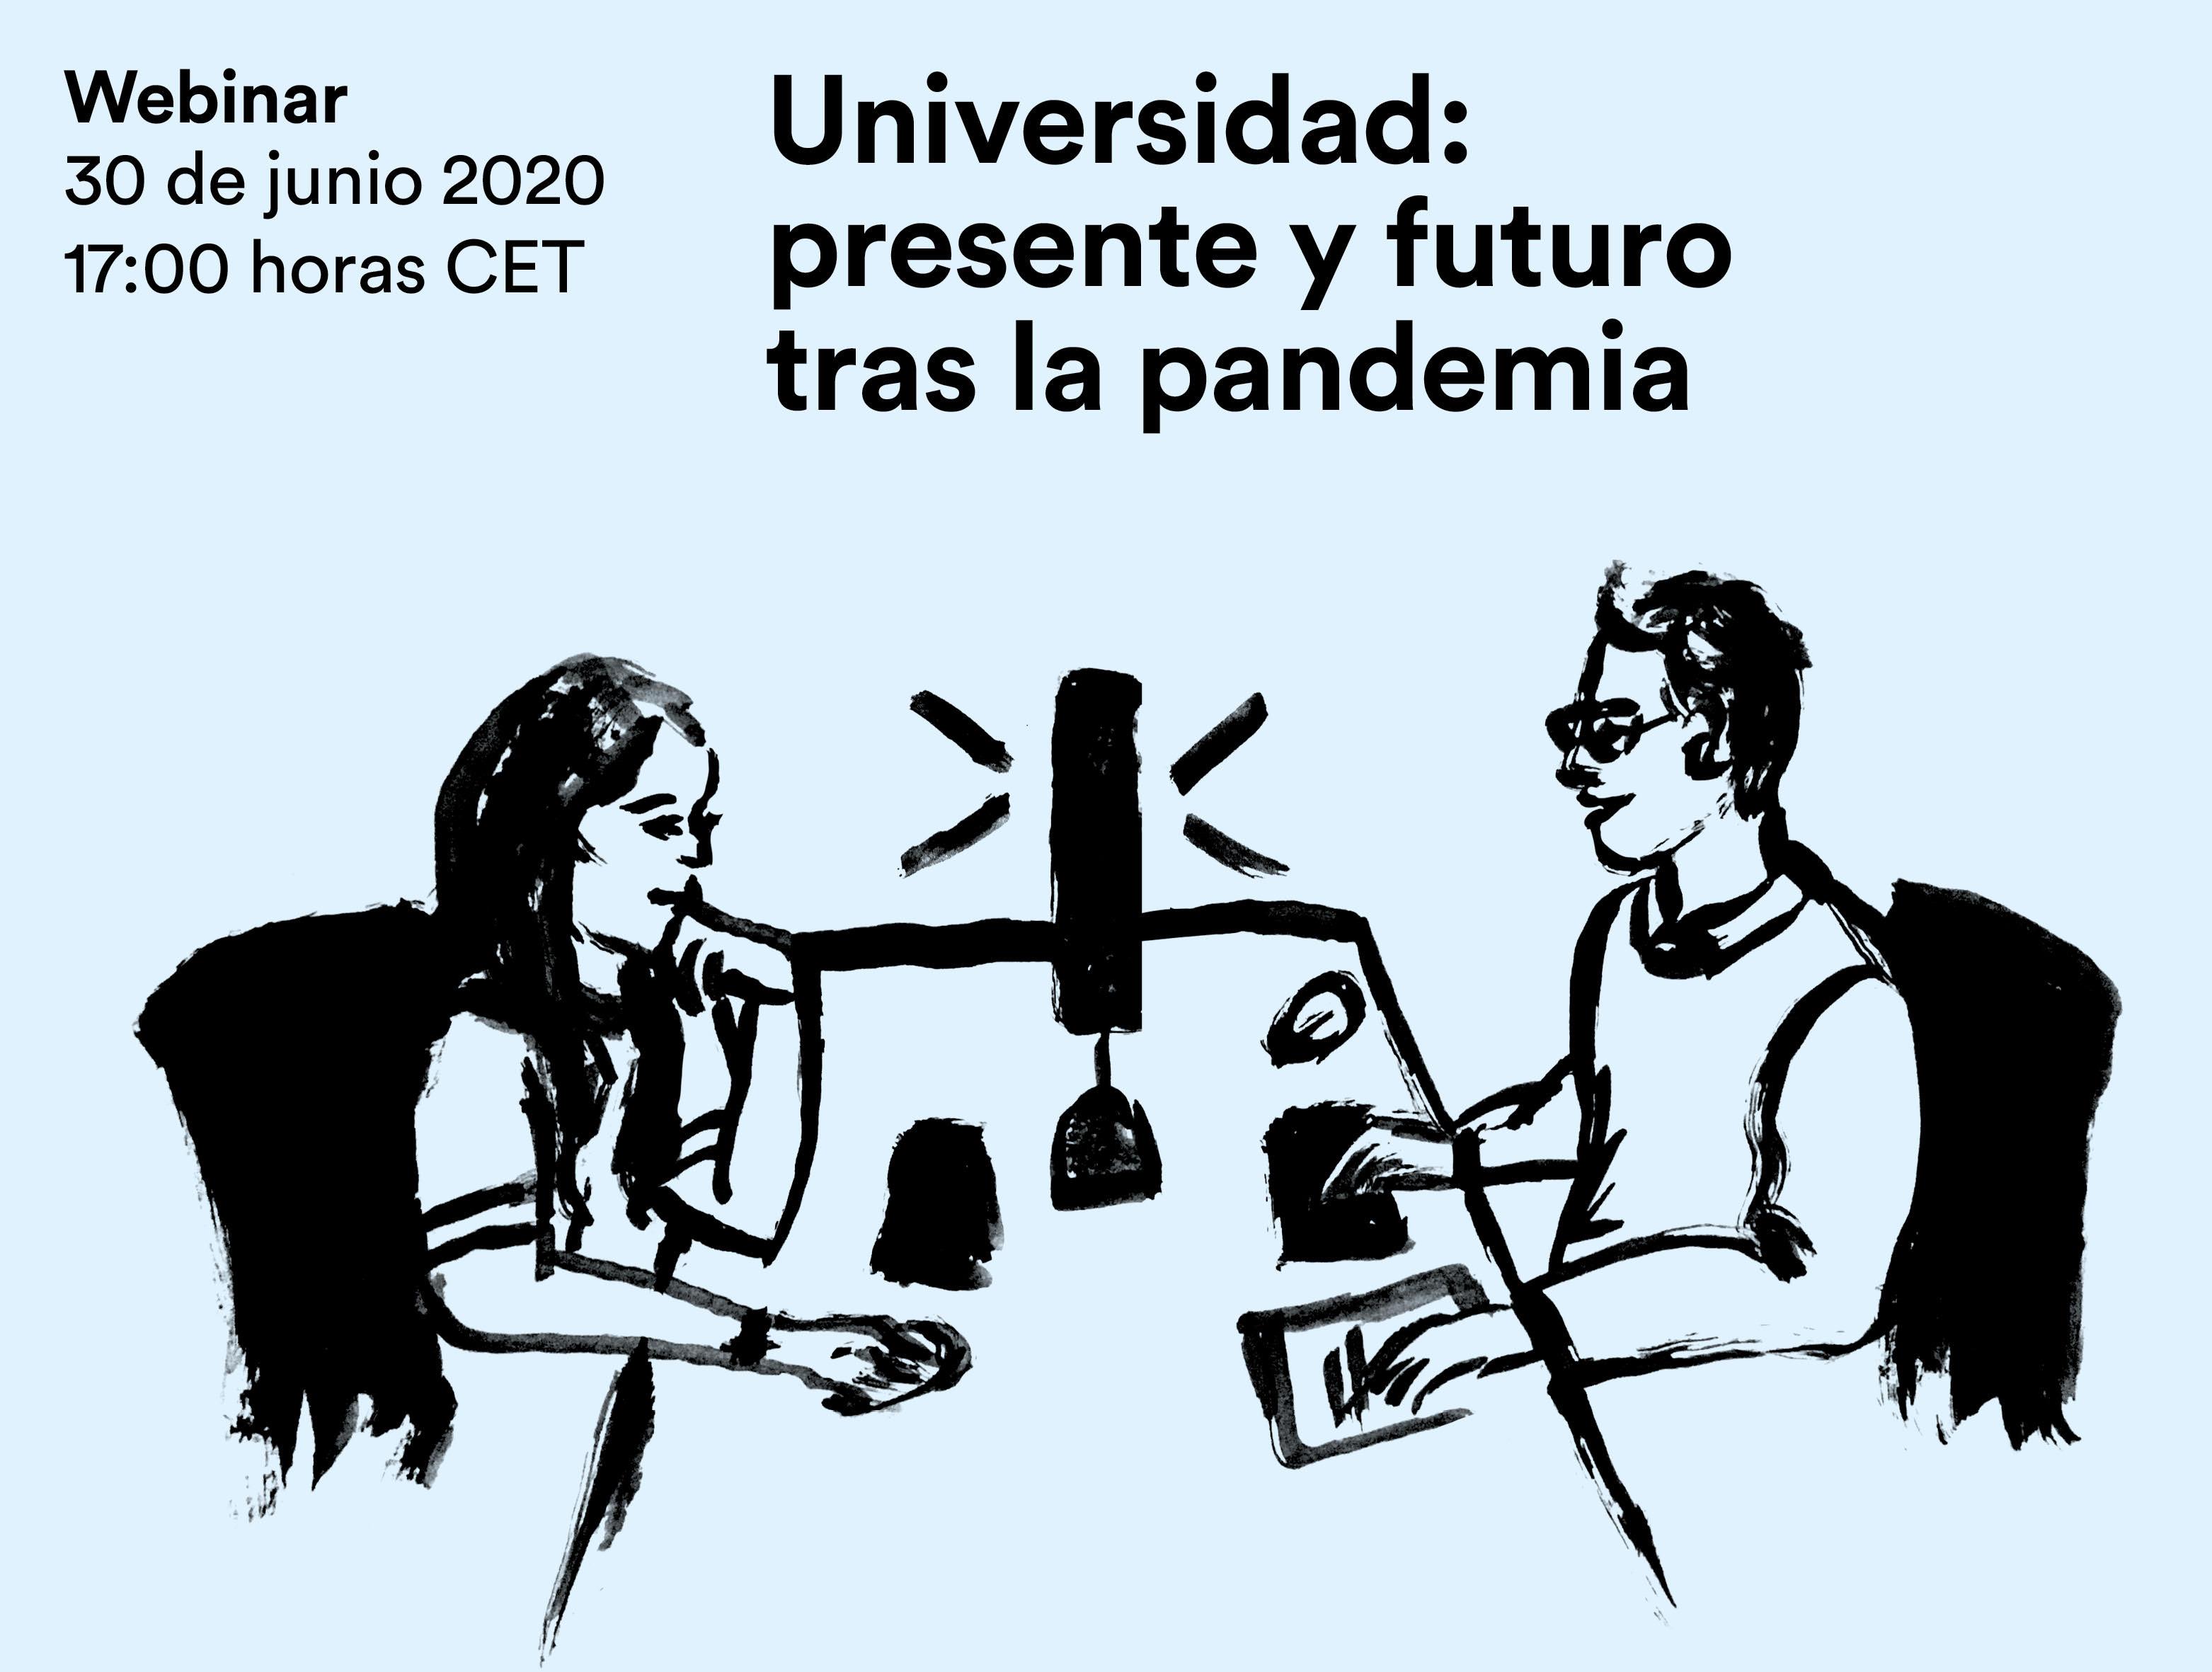 Webinar sobre el presente y futuro de la Universidad